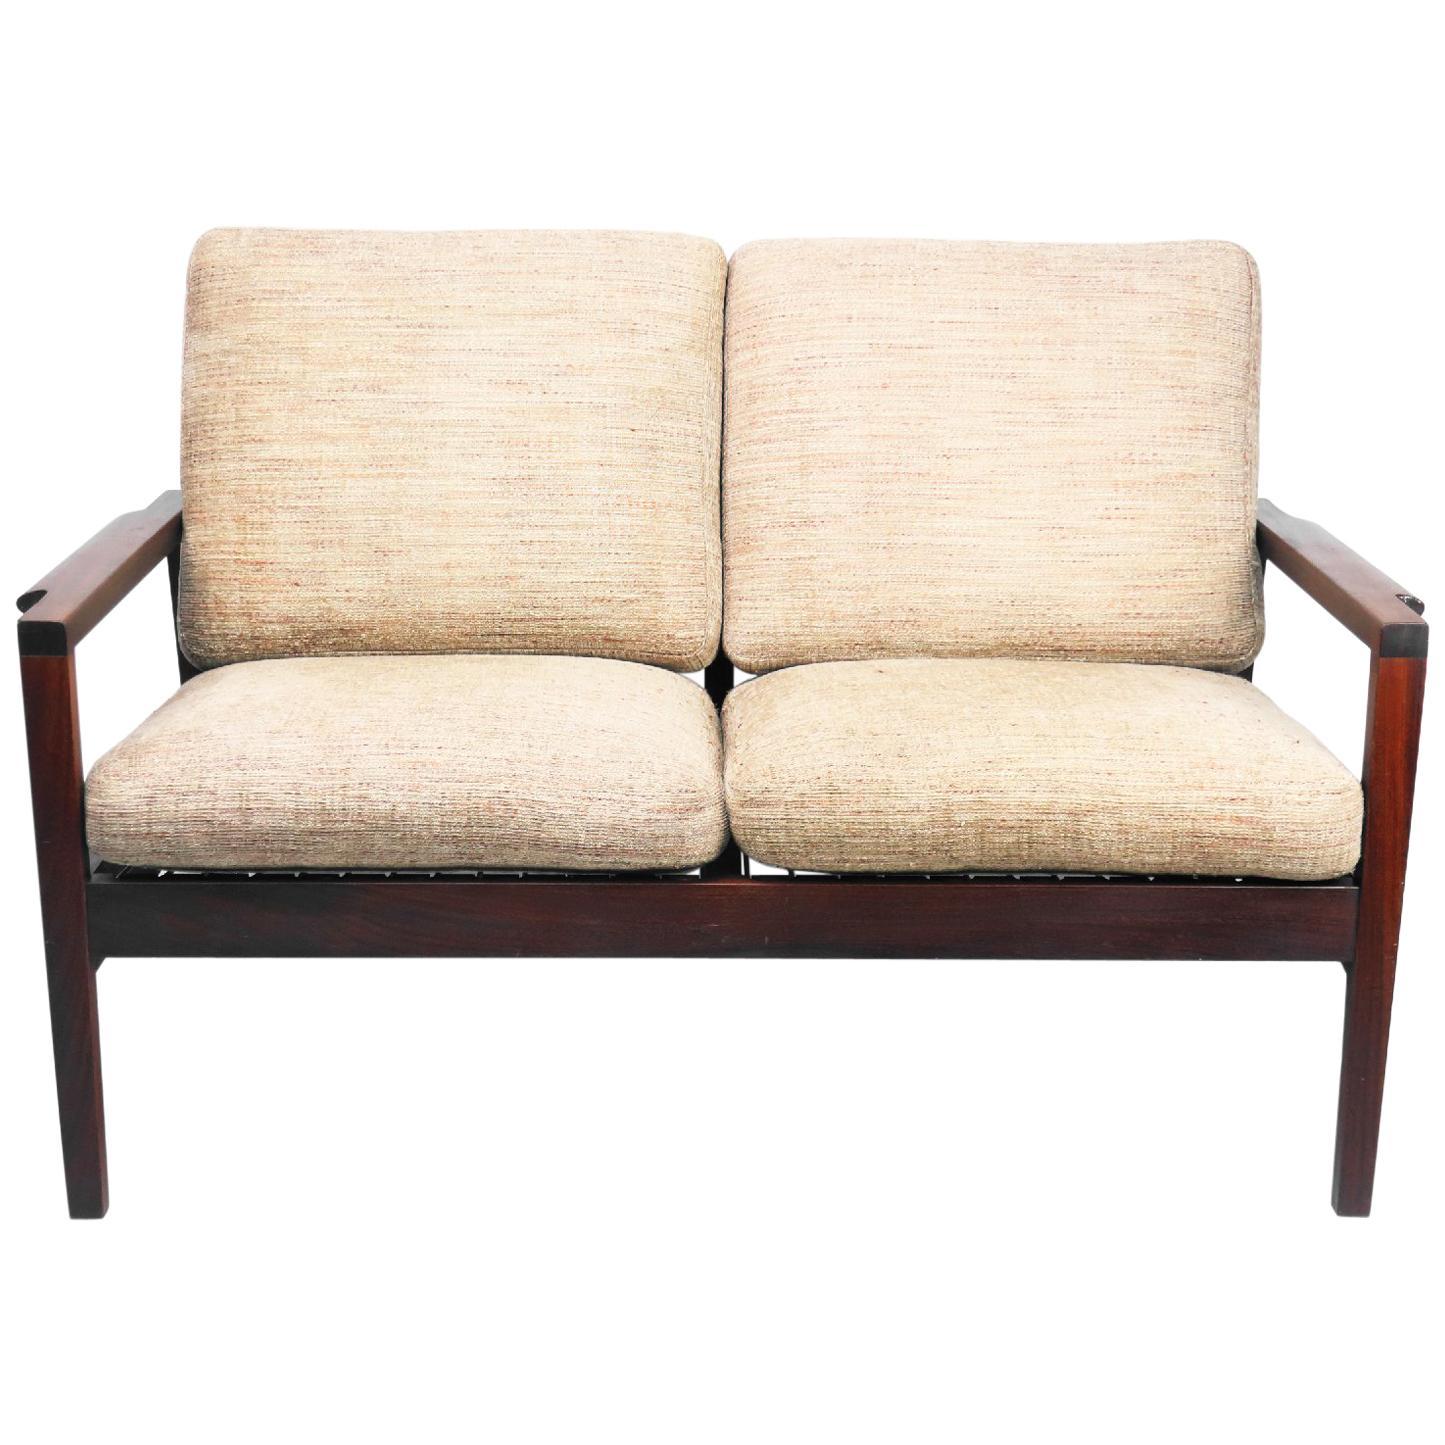 Exceptional luigi tiengo sofa for cimon montréal 1963 for sale at 1stdibs